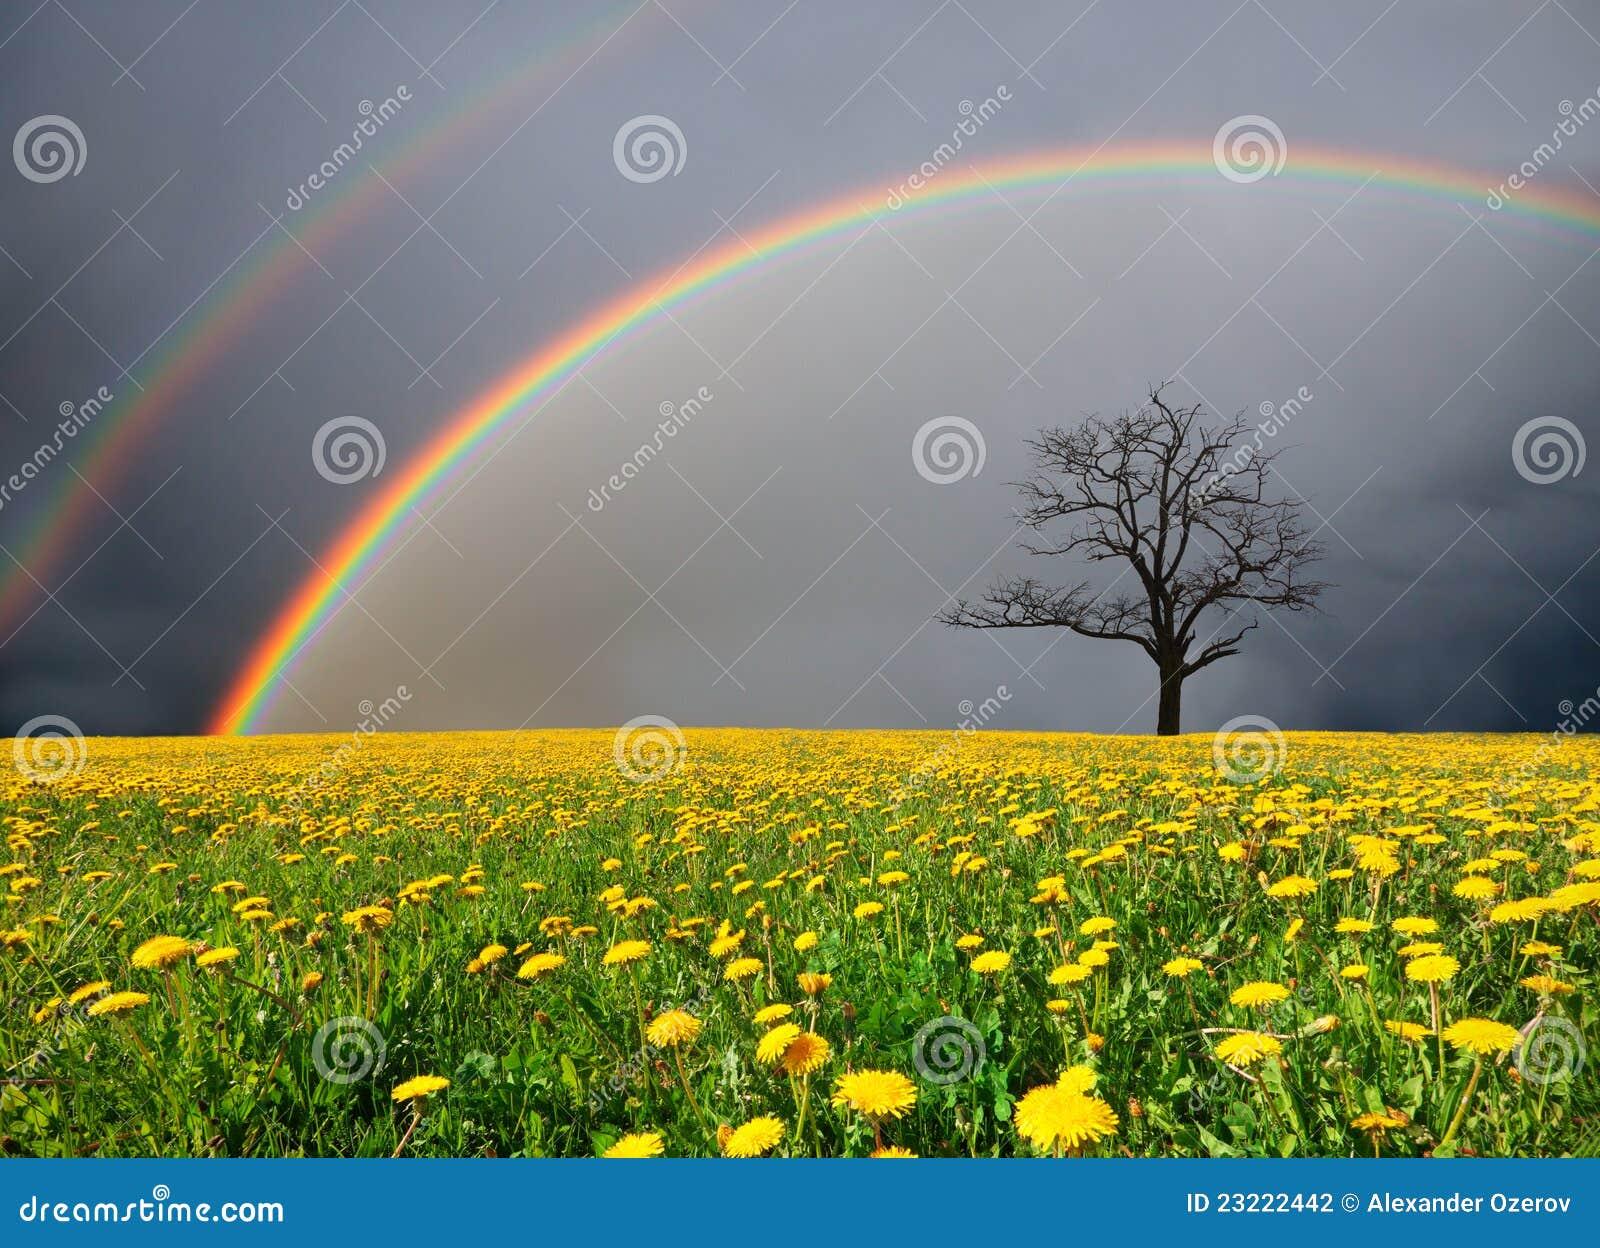 下多云停止的域彩虹天空结构树